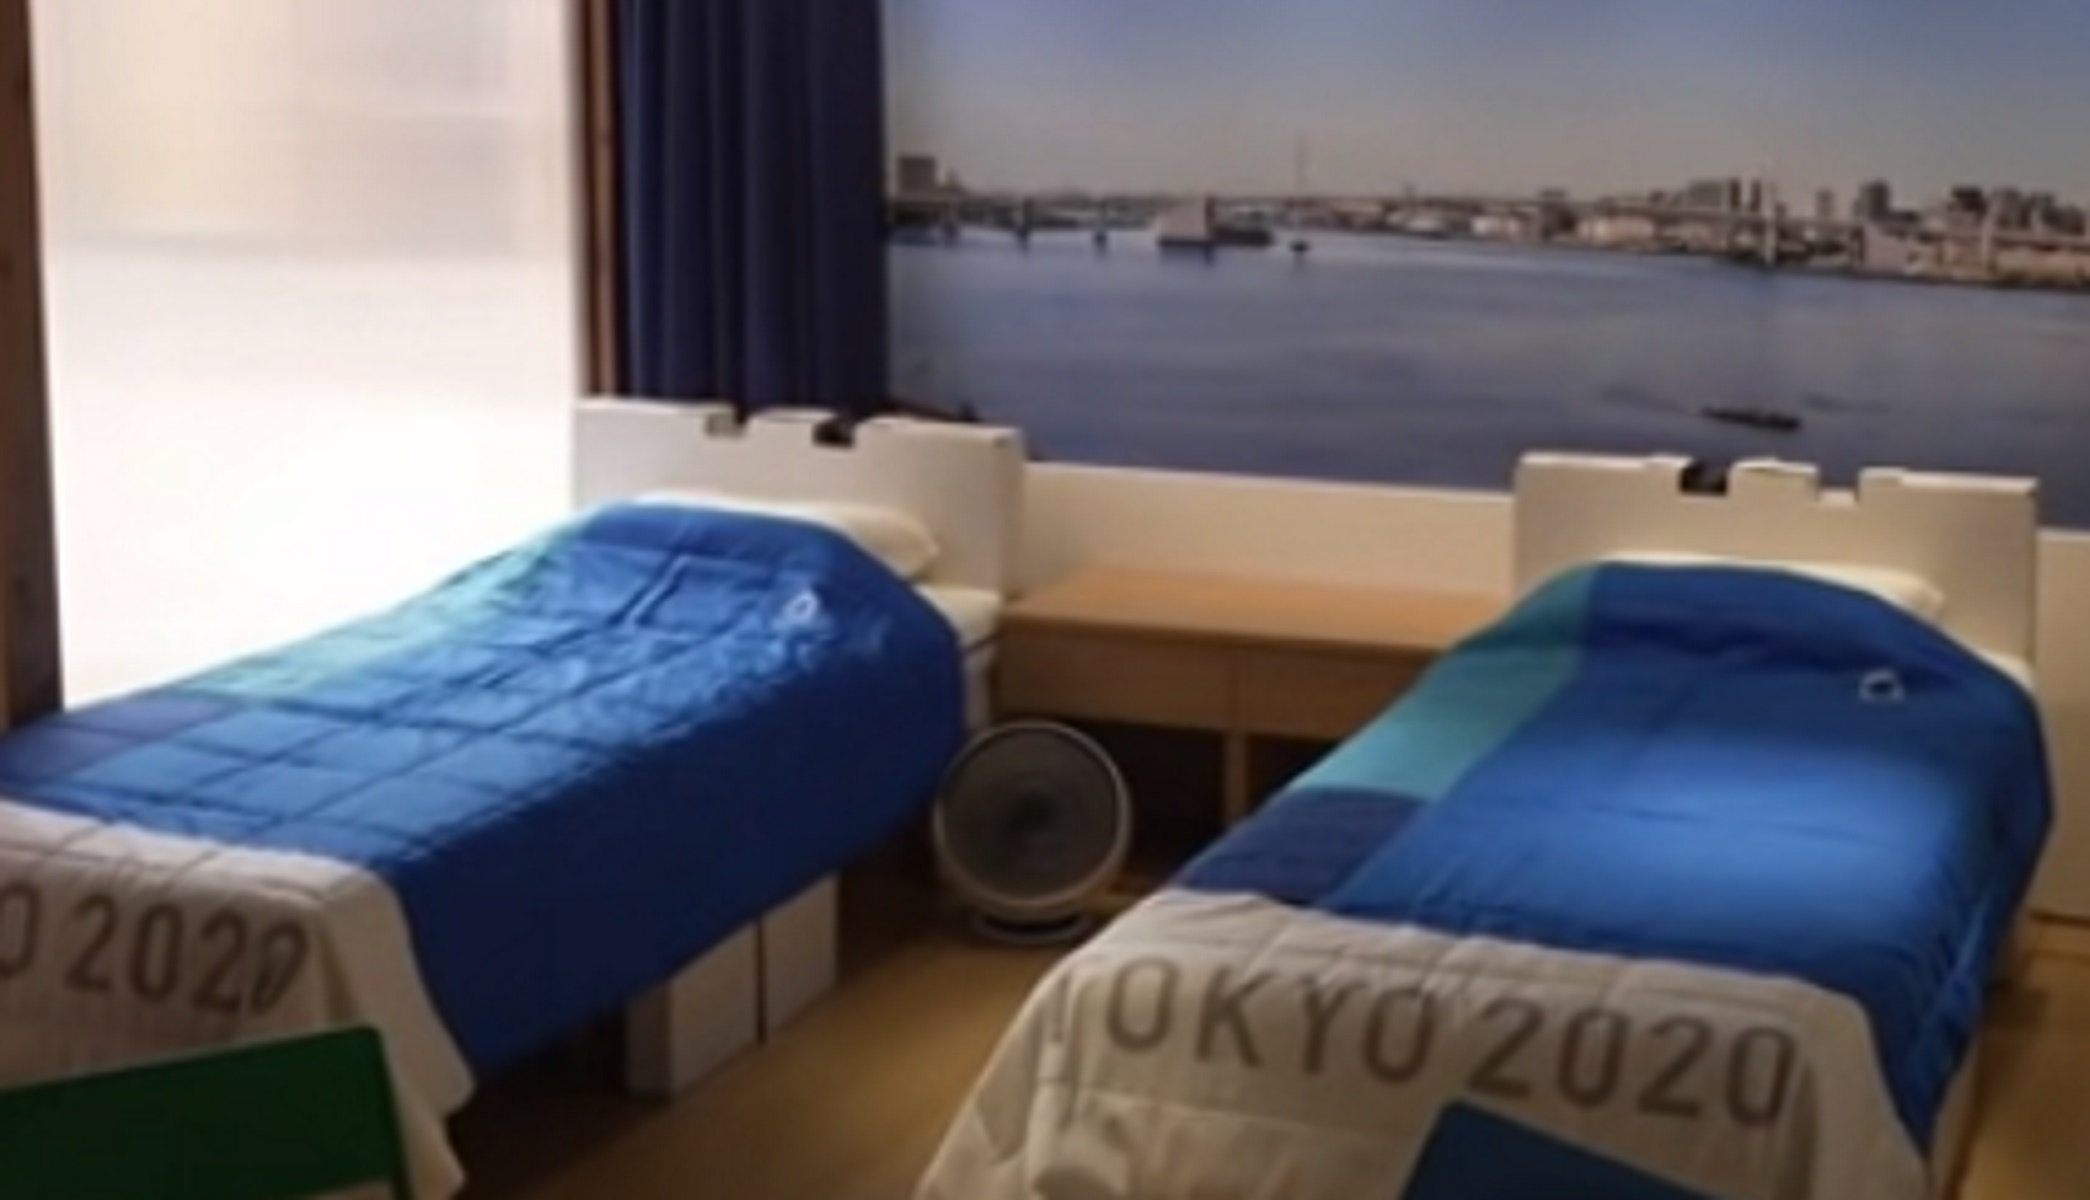 Ολυμπιακοί Αγώνες: Τα οικολογικά κρεβάτια που δεν αντέχουν δεύτερο άτομο